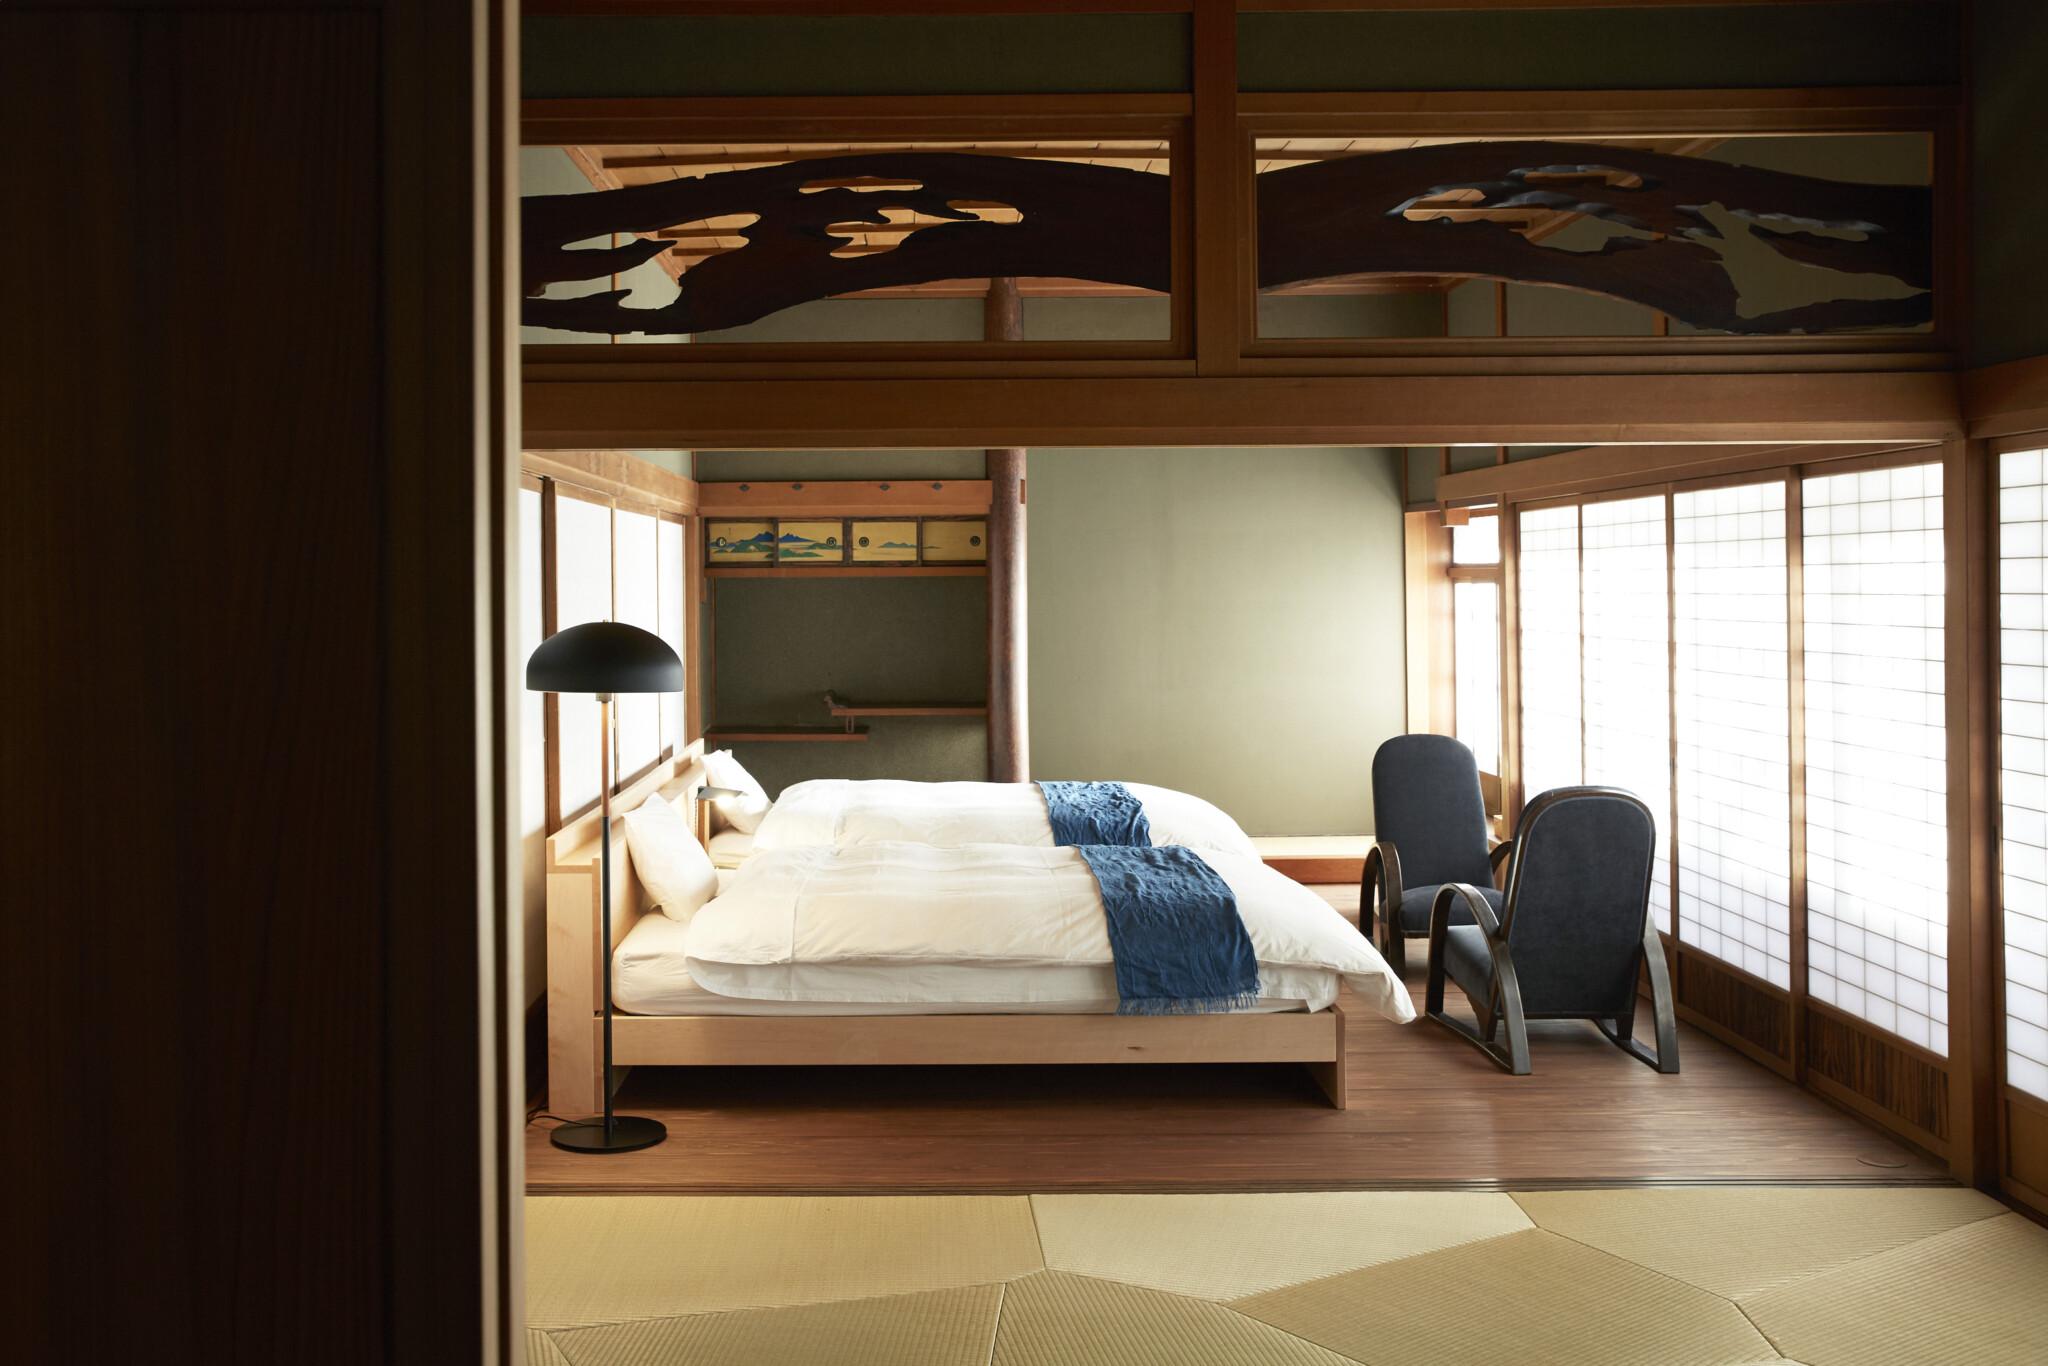 【秋田・湯沢市】古民家をリノベーションした一棟貸し宿〈草木ももとせ〉で、暮らすように楽しむ。